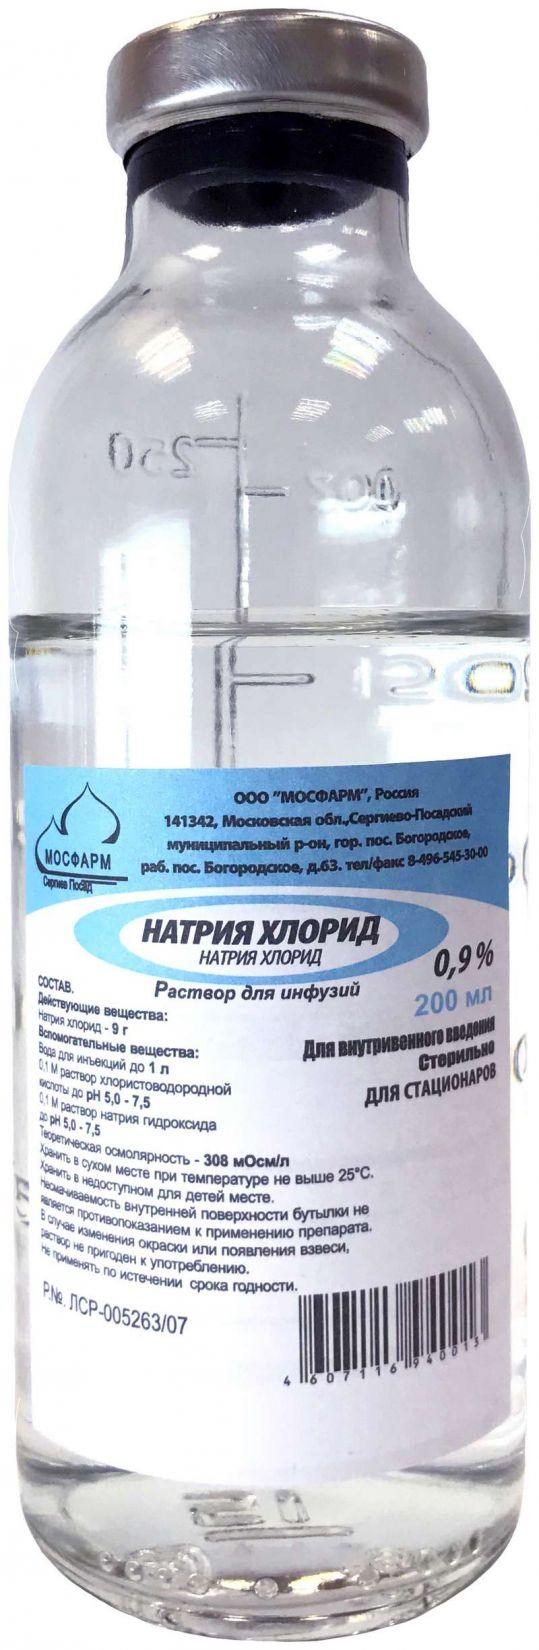 Натрия хлорид 0,9% 200мл раствор для инфузий, фото №1